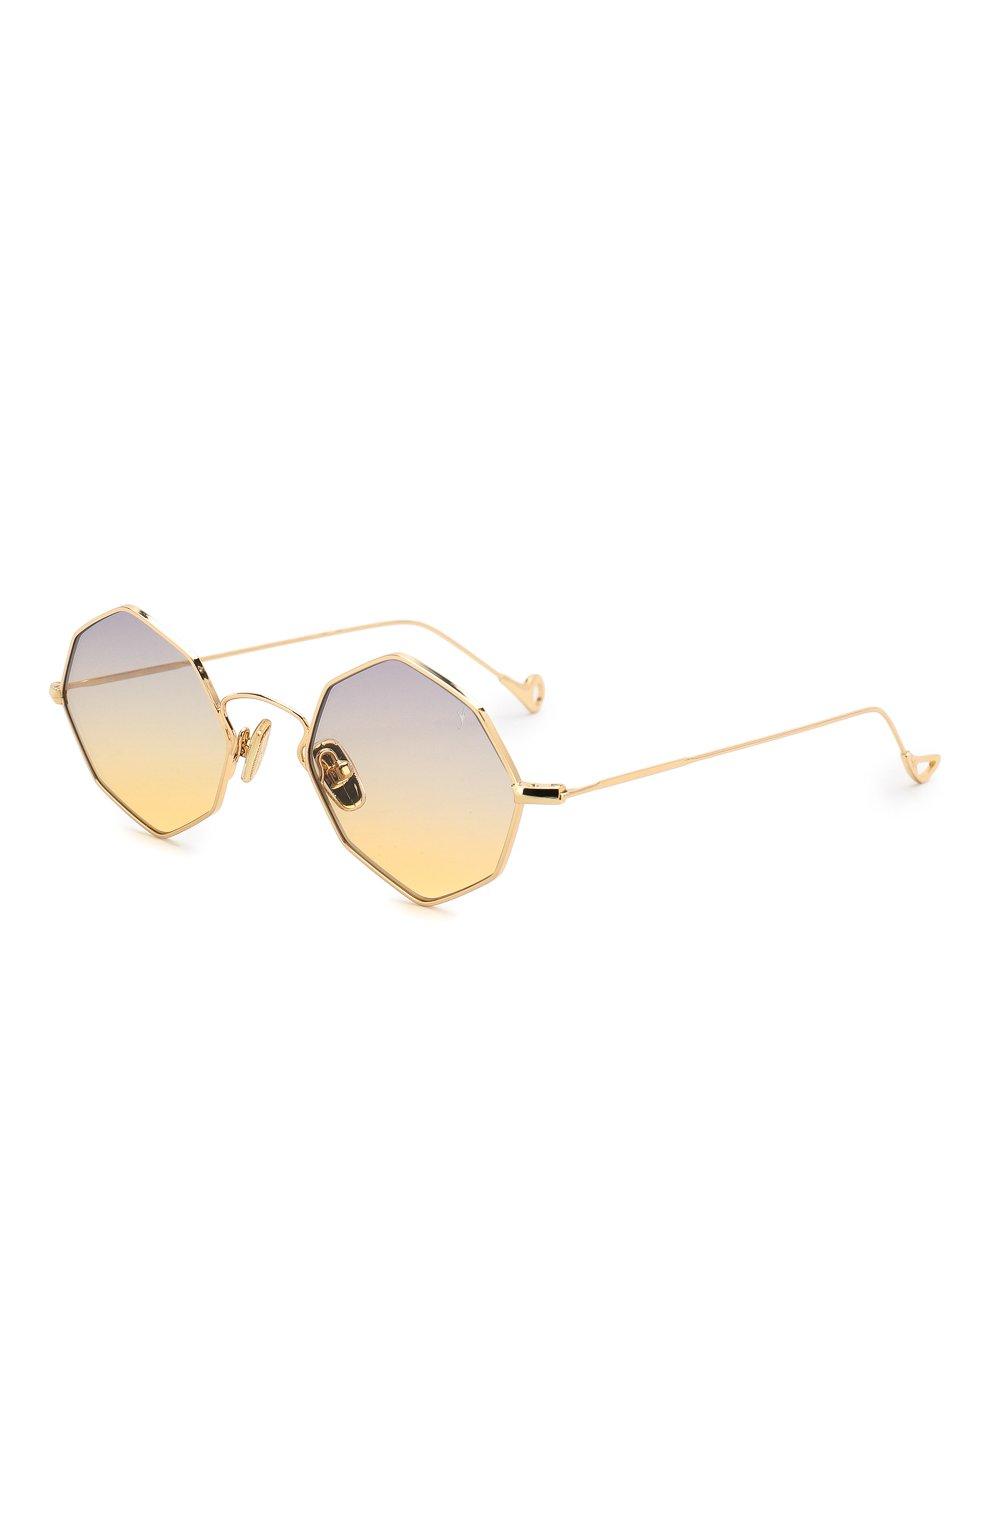 Женские солнцезащитные очки EYEPETIZER золотого цвета, арт. CHARL0TTE 4-19   Фото 1 (Тип очков: С/з; Очки форма: Креативные, Круглые; Оптика Гендер: оптика-унисекс)